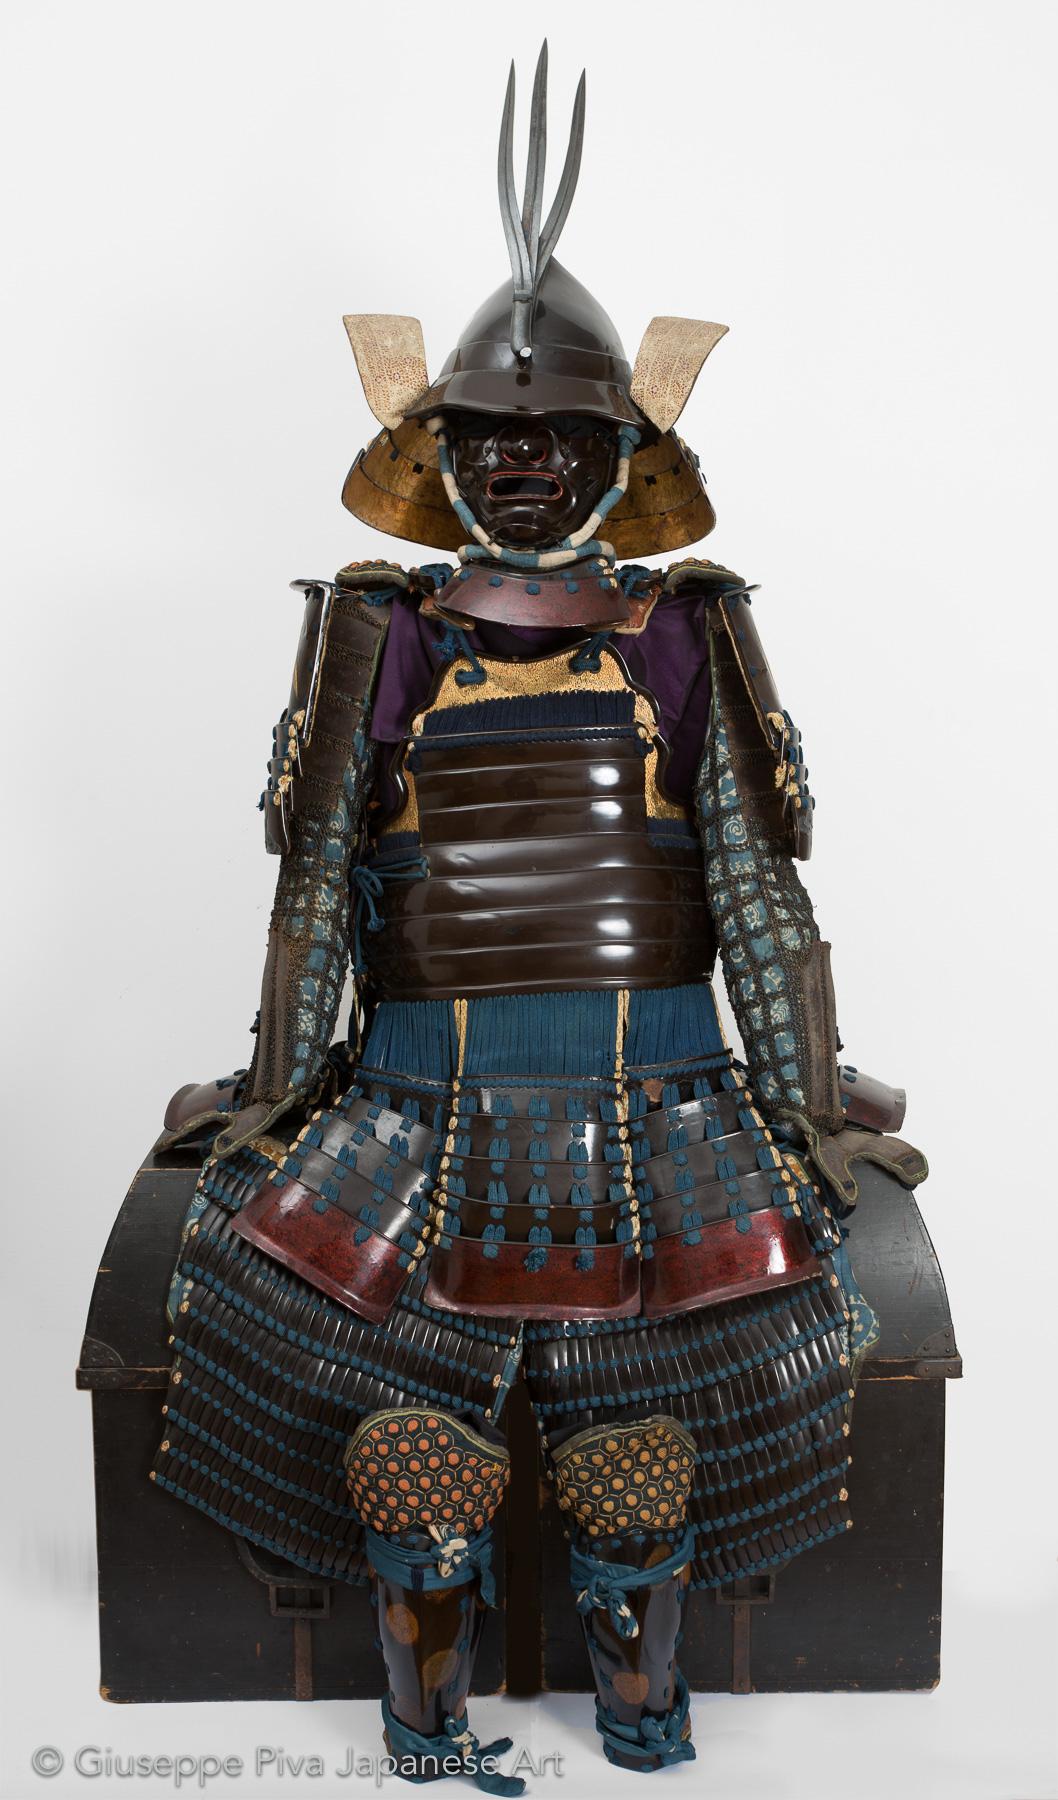 Leather samurai armor, mid Edo period  (1615-1867)